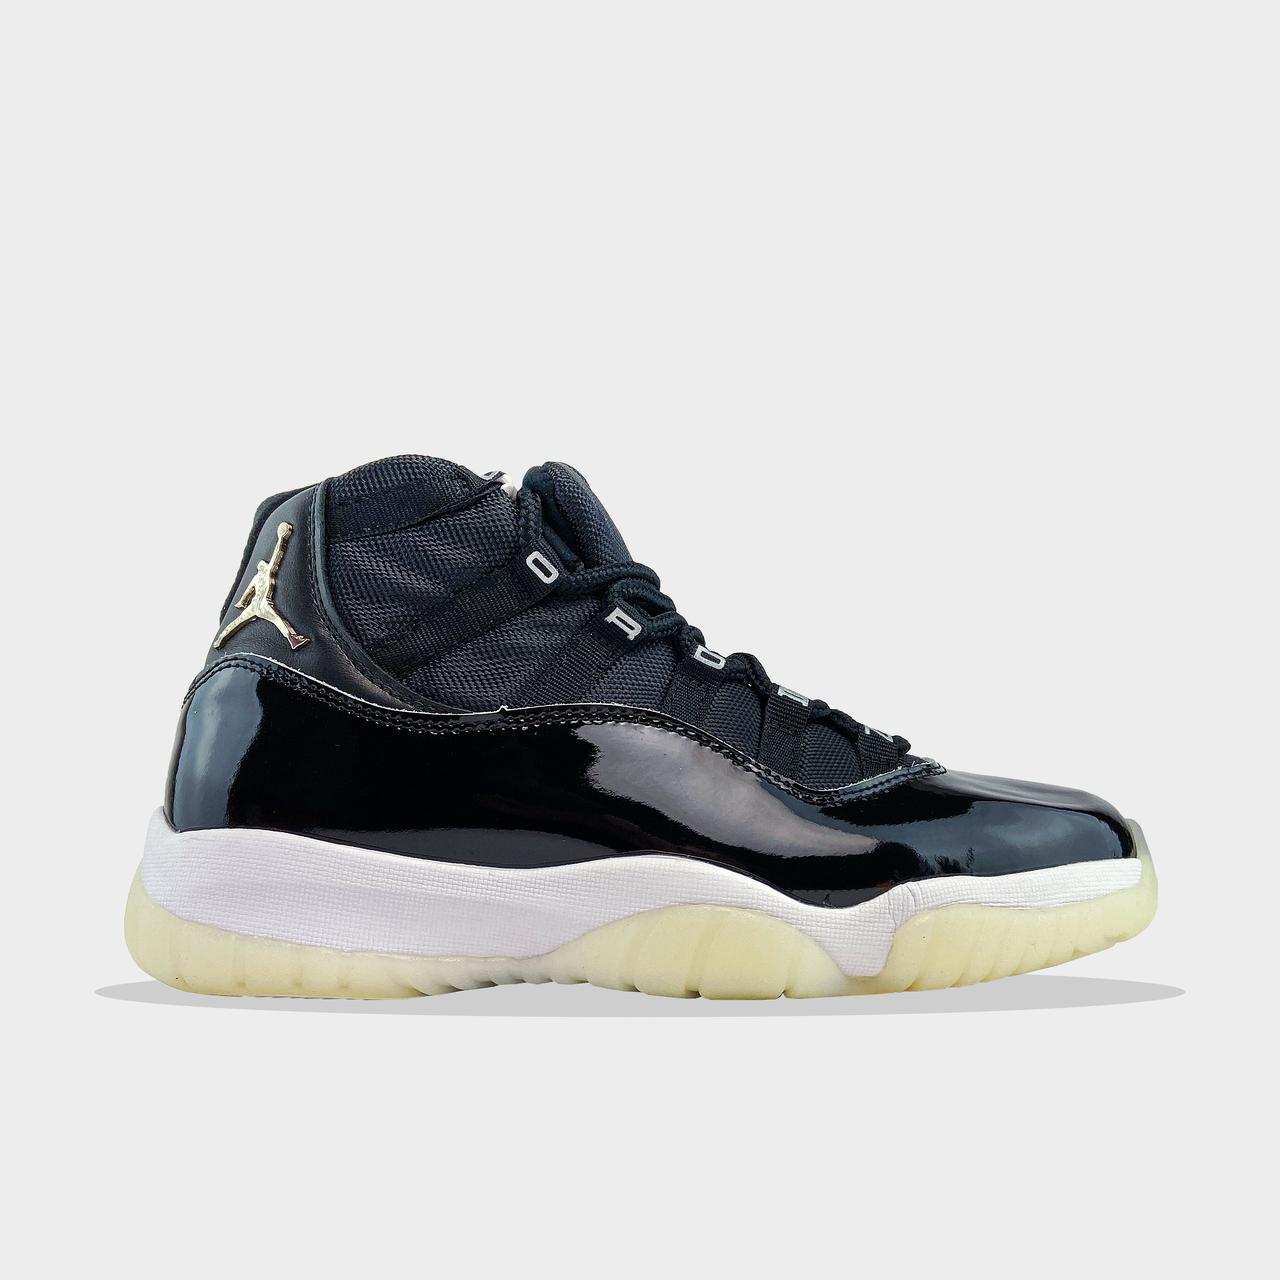 Nk, крос, обувь, взуття, sneakers, шузы, Air Jordan 11 High 25th Anniversary (Черный)